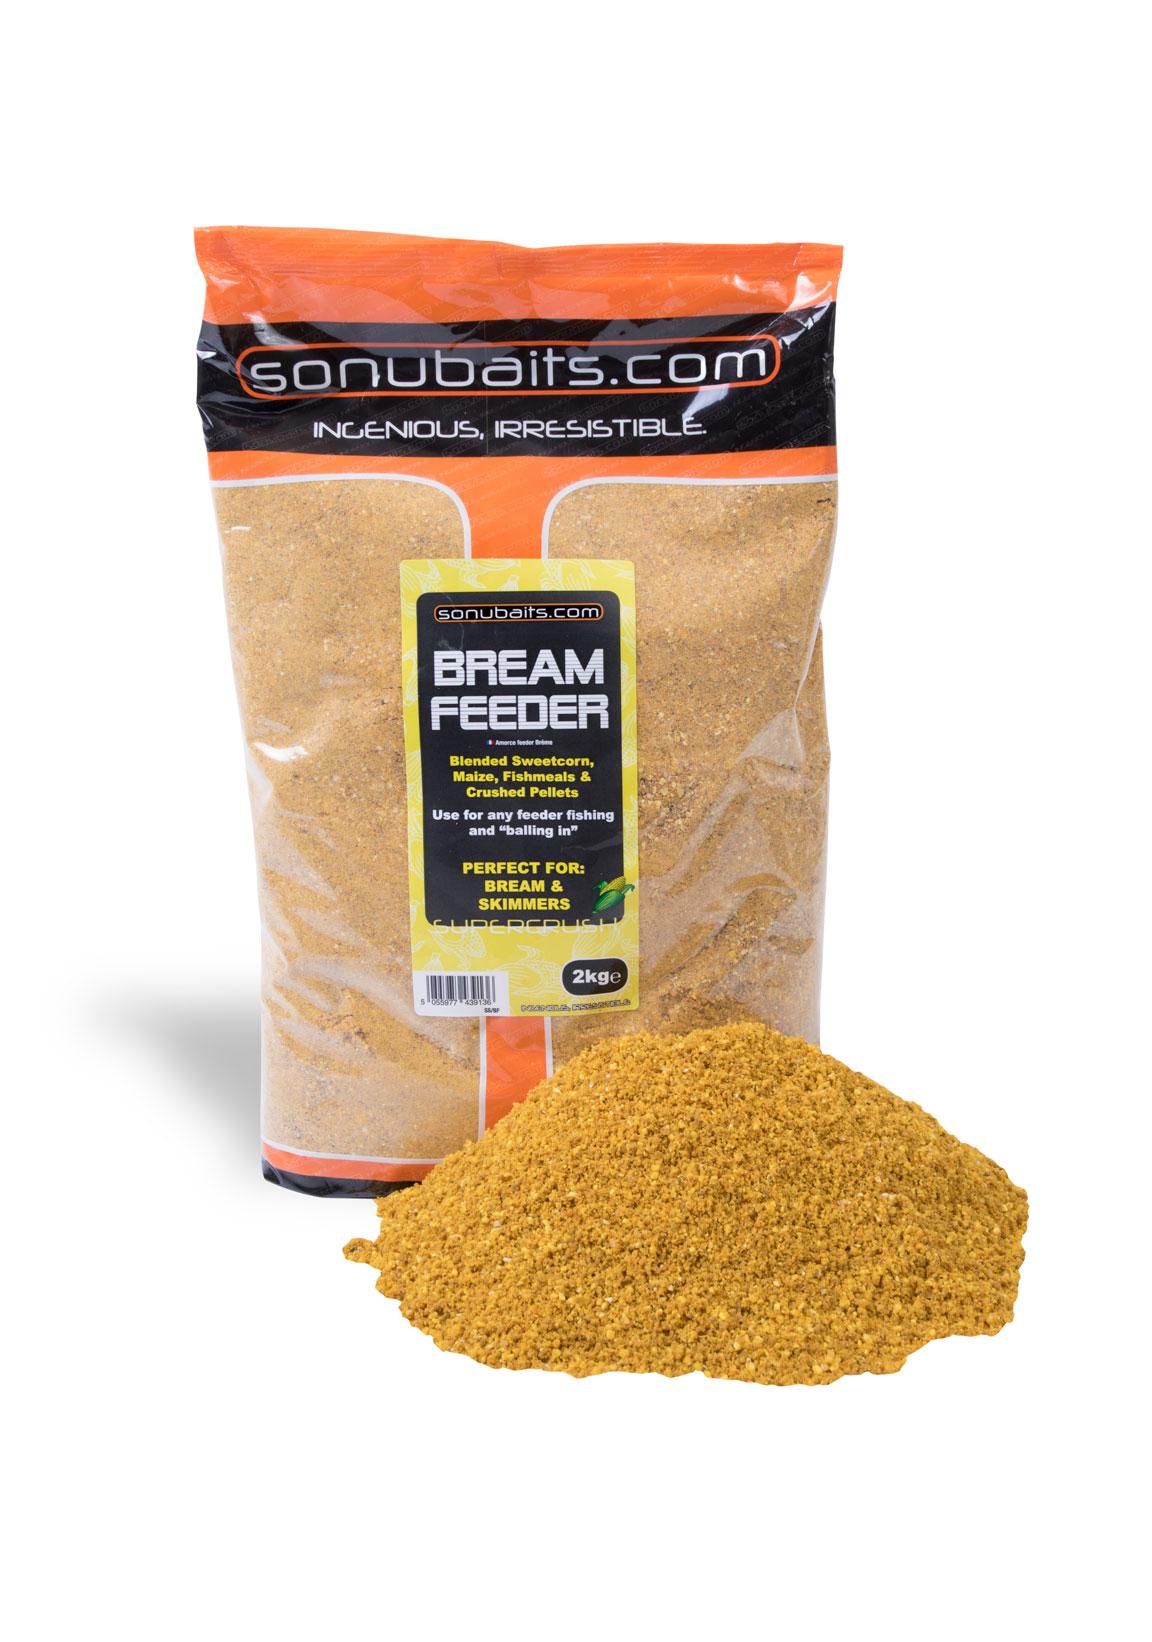 Bream feeder